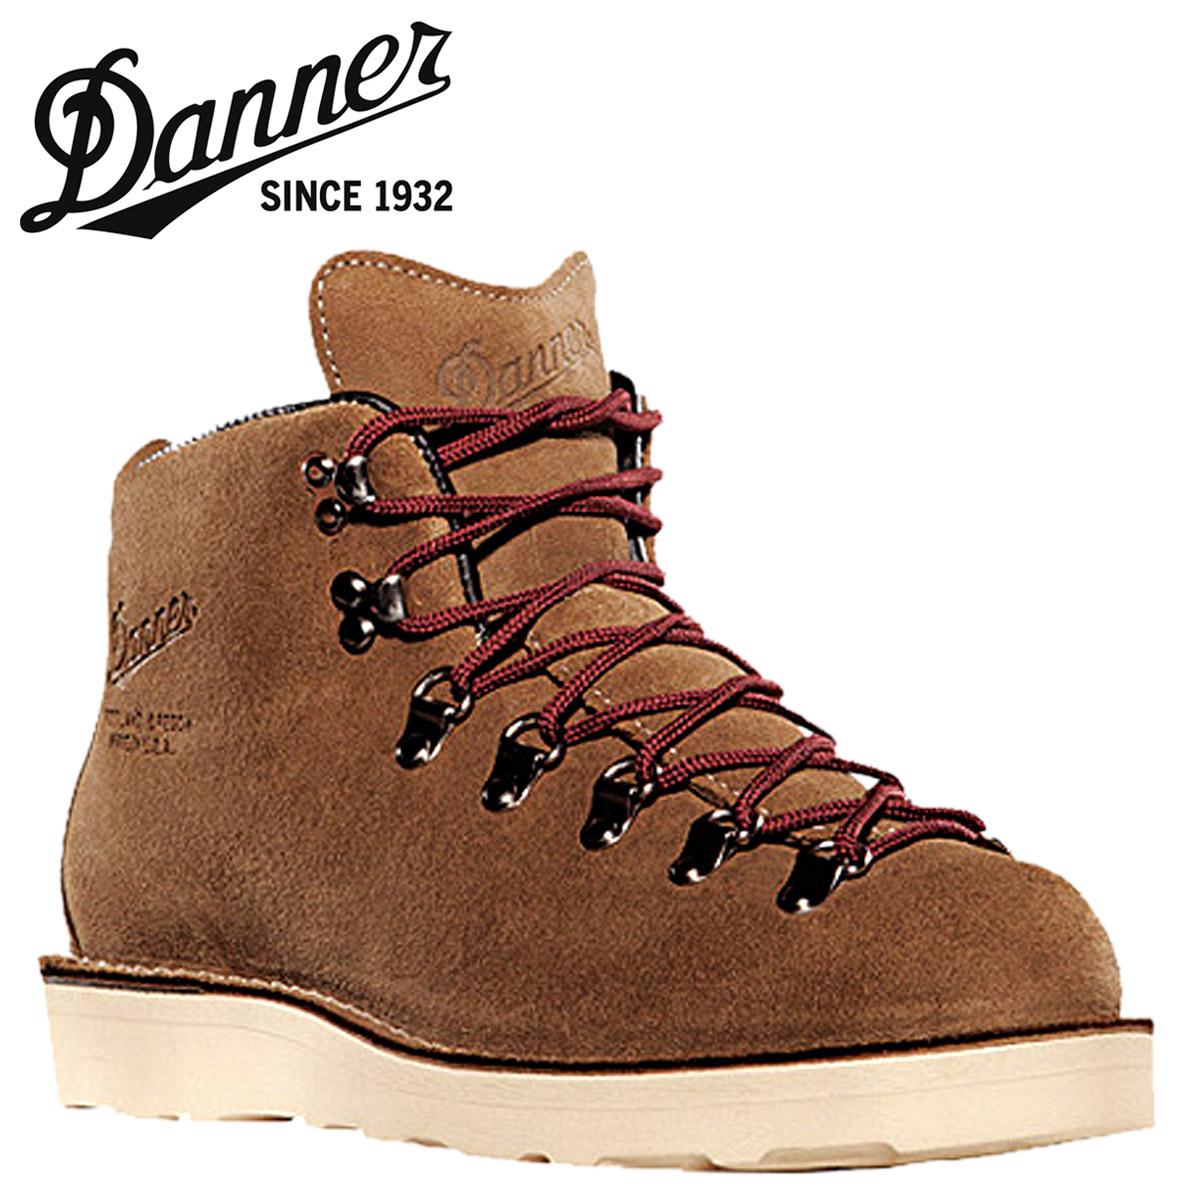 SneaK Online Shop   Rakuten Global Market: Danner Danner mountain ...